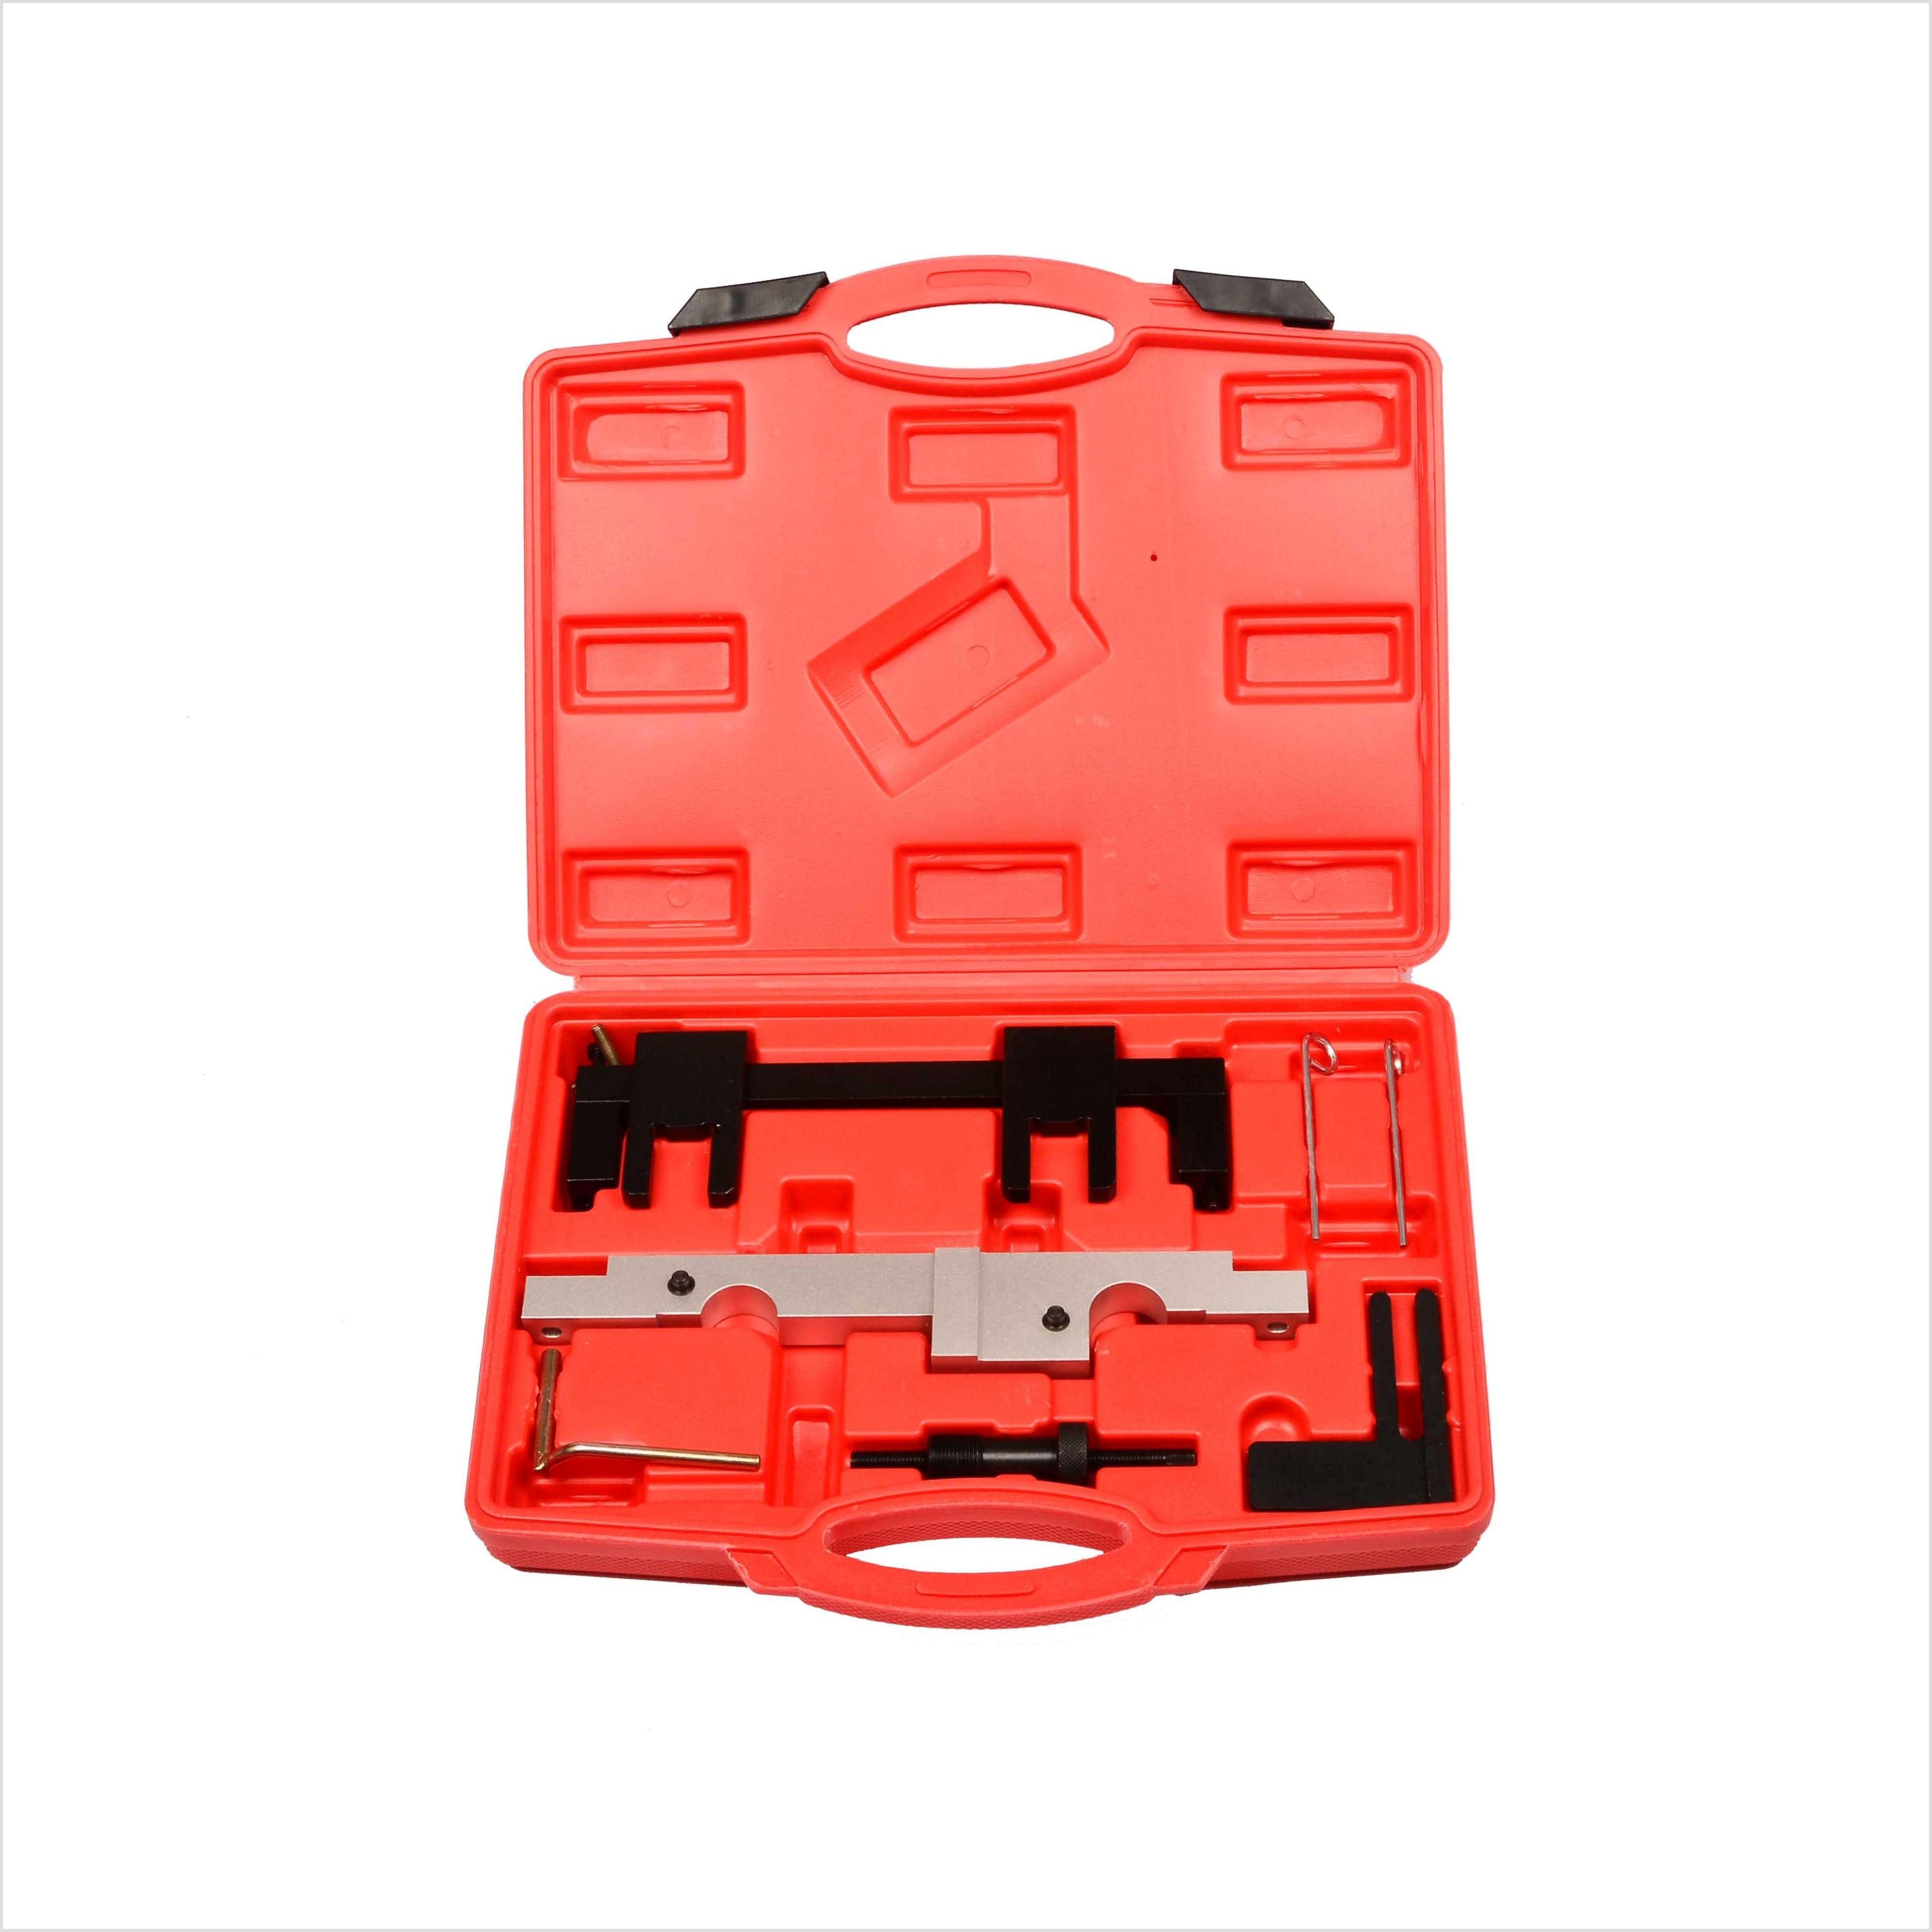 Engine Timing Tool Kit For BMW N43 E81 E82 E87 E88 E90 E91 E92 E93 E60 E61 Engine Tools engine timing tool kit for bmw n14 mini 1 4 1 6 n12 n14